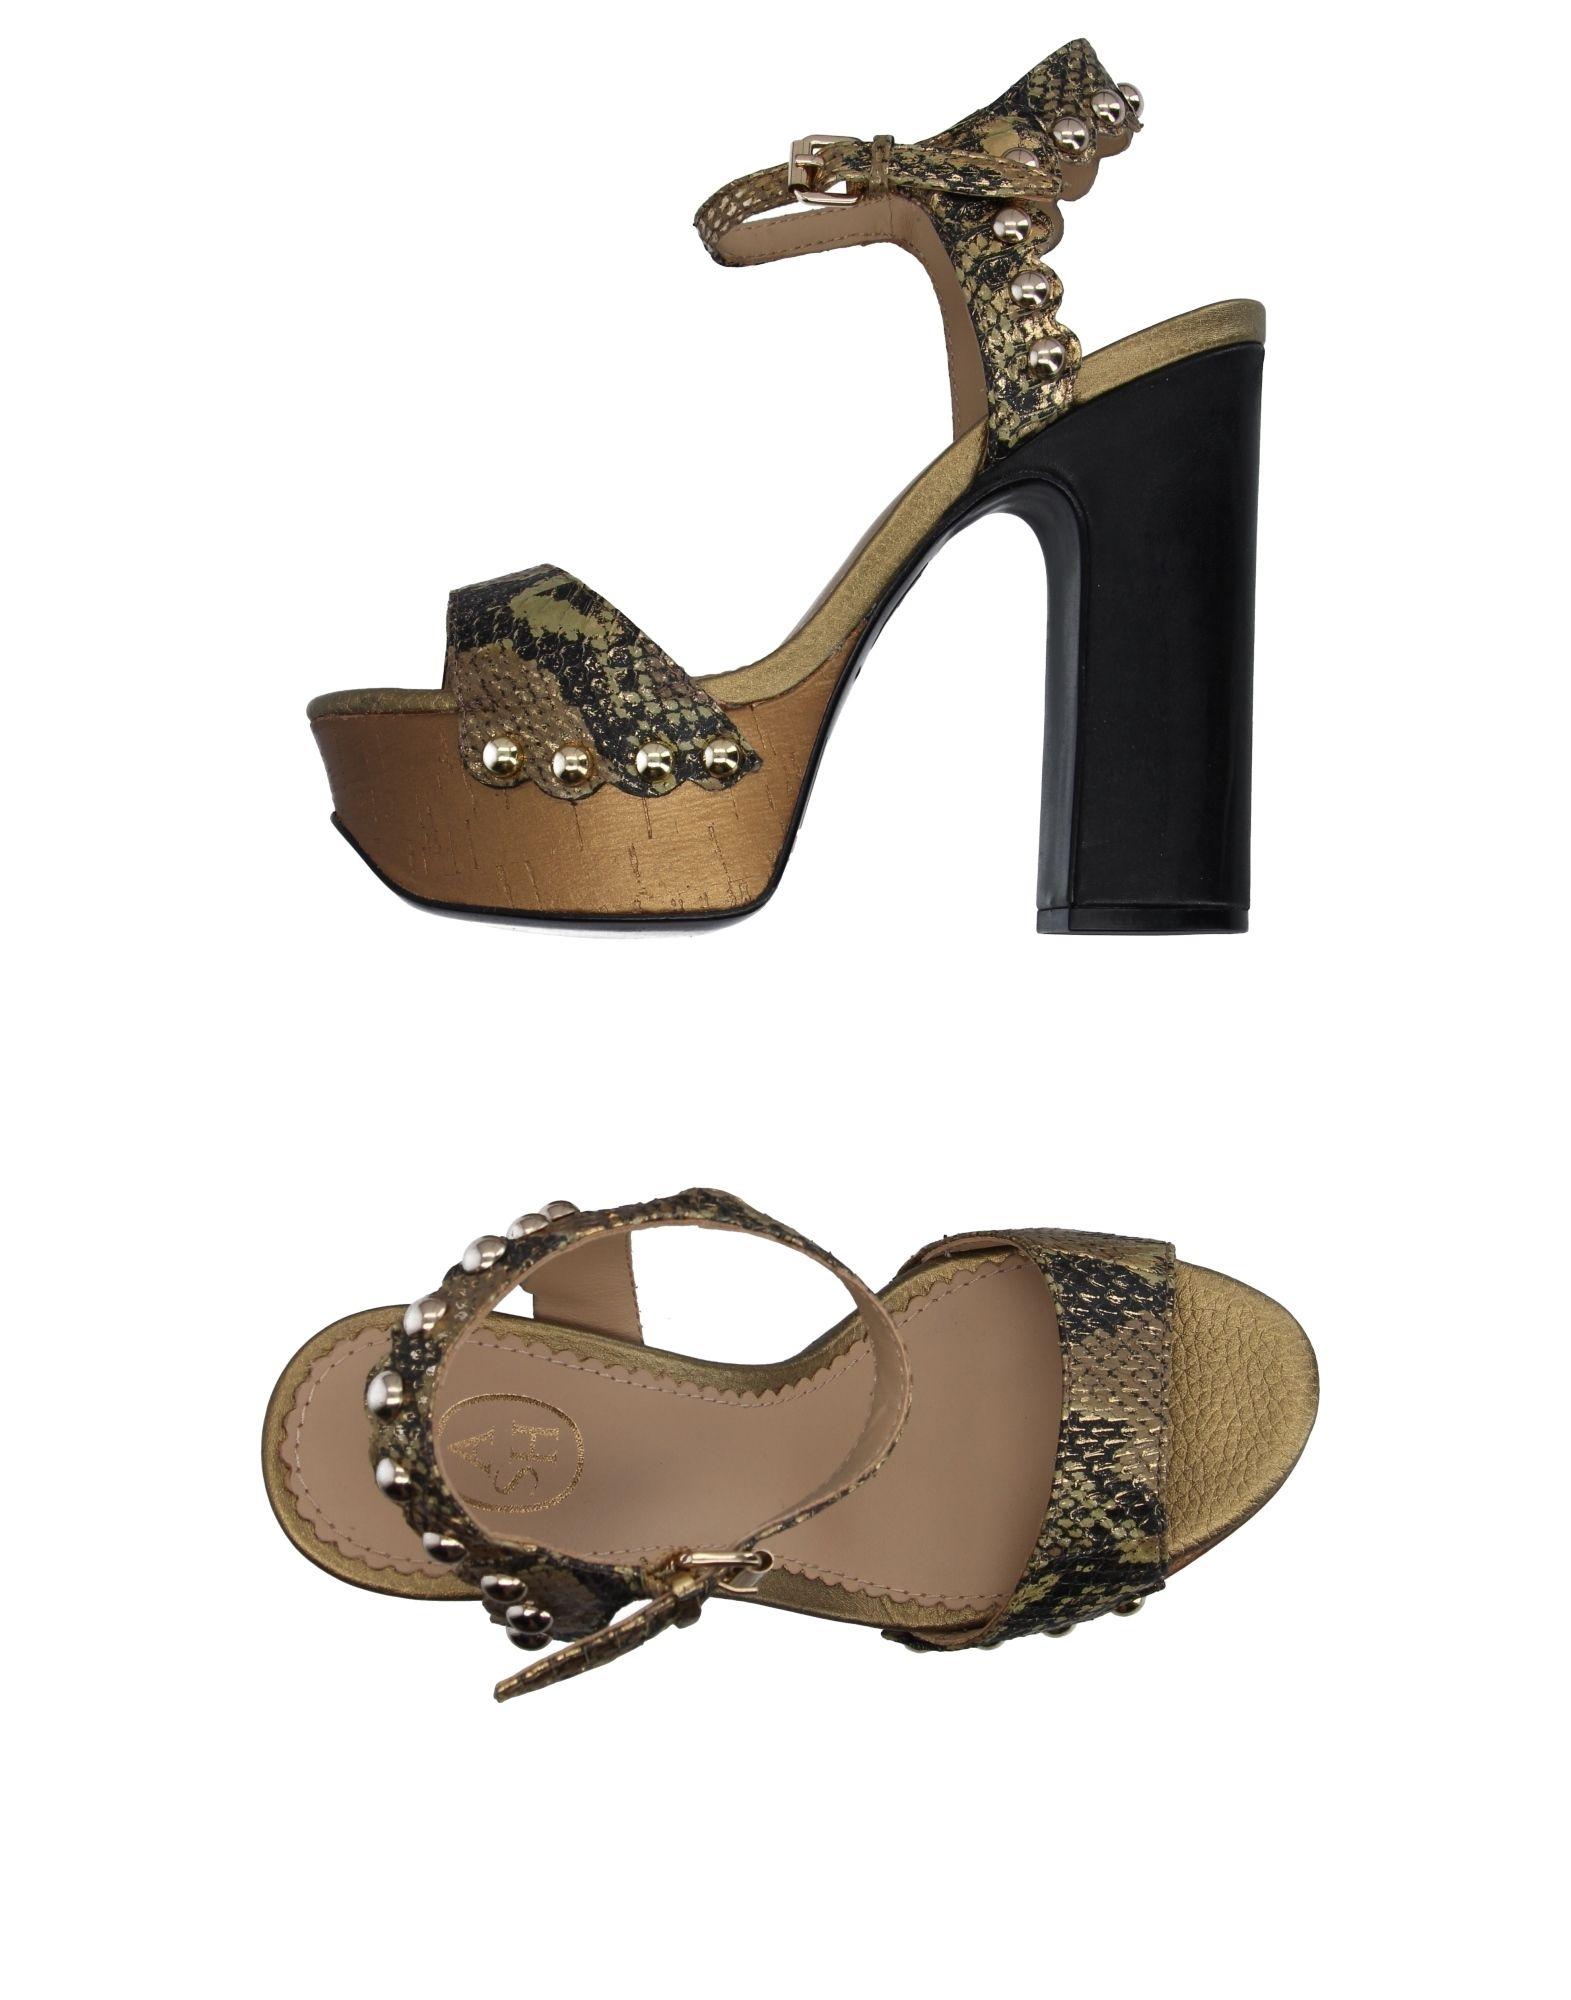 Los últimos zapatos de descuento para hombres - y mujeres Sandalia Ash Mujer - hombres Sandalias Ash  Bronce 3d13eb